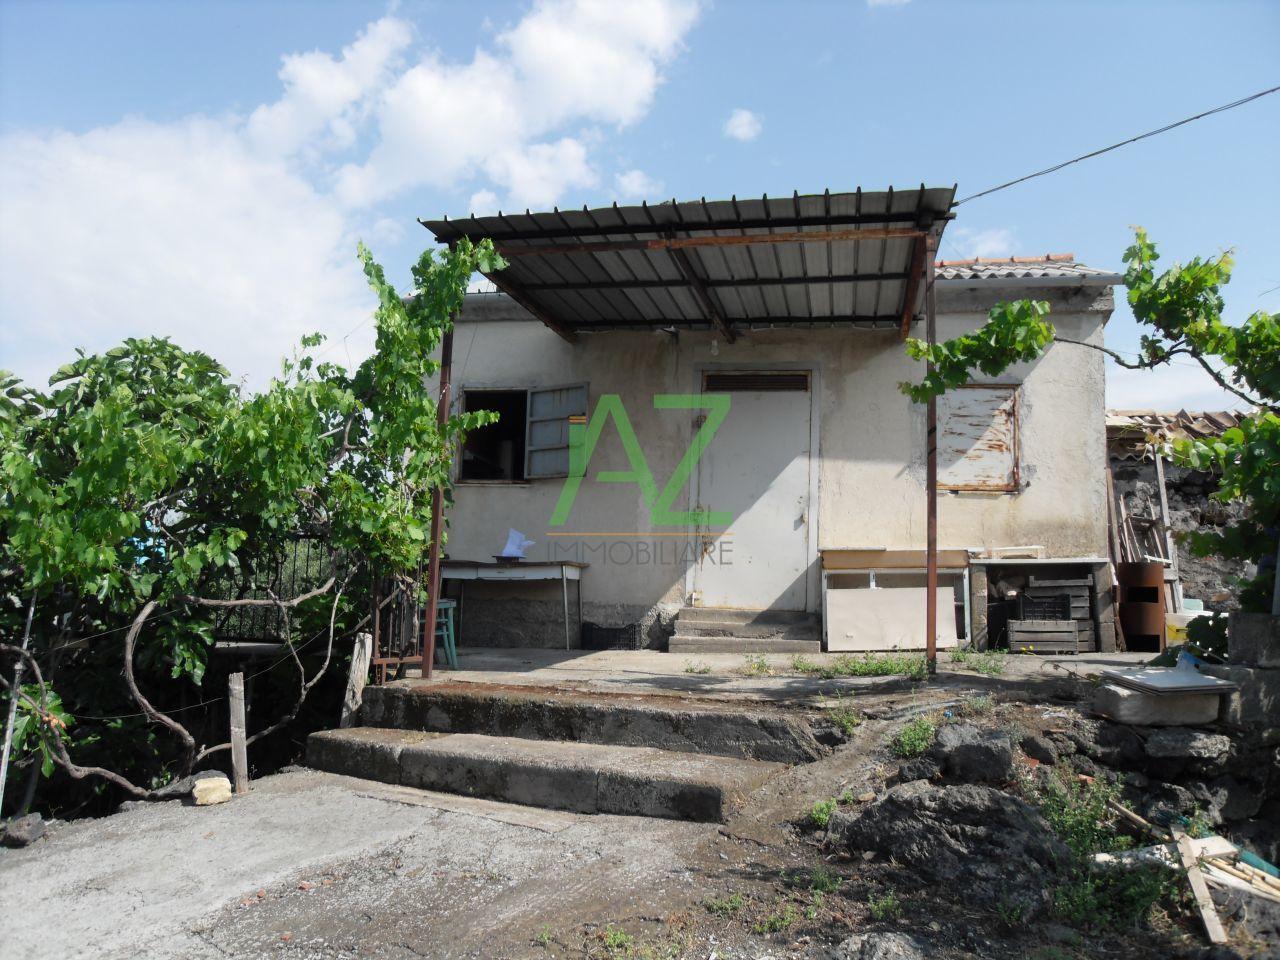 Rustico / Casale in vendita a Belpasso, 2 locali, prezzo € 42.000 | Cambio Casa.it